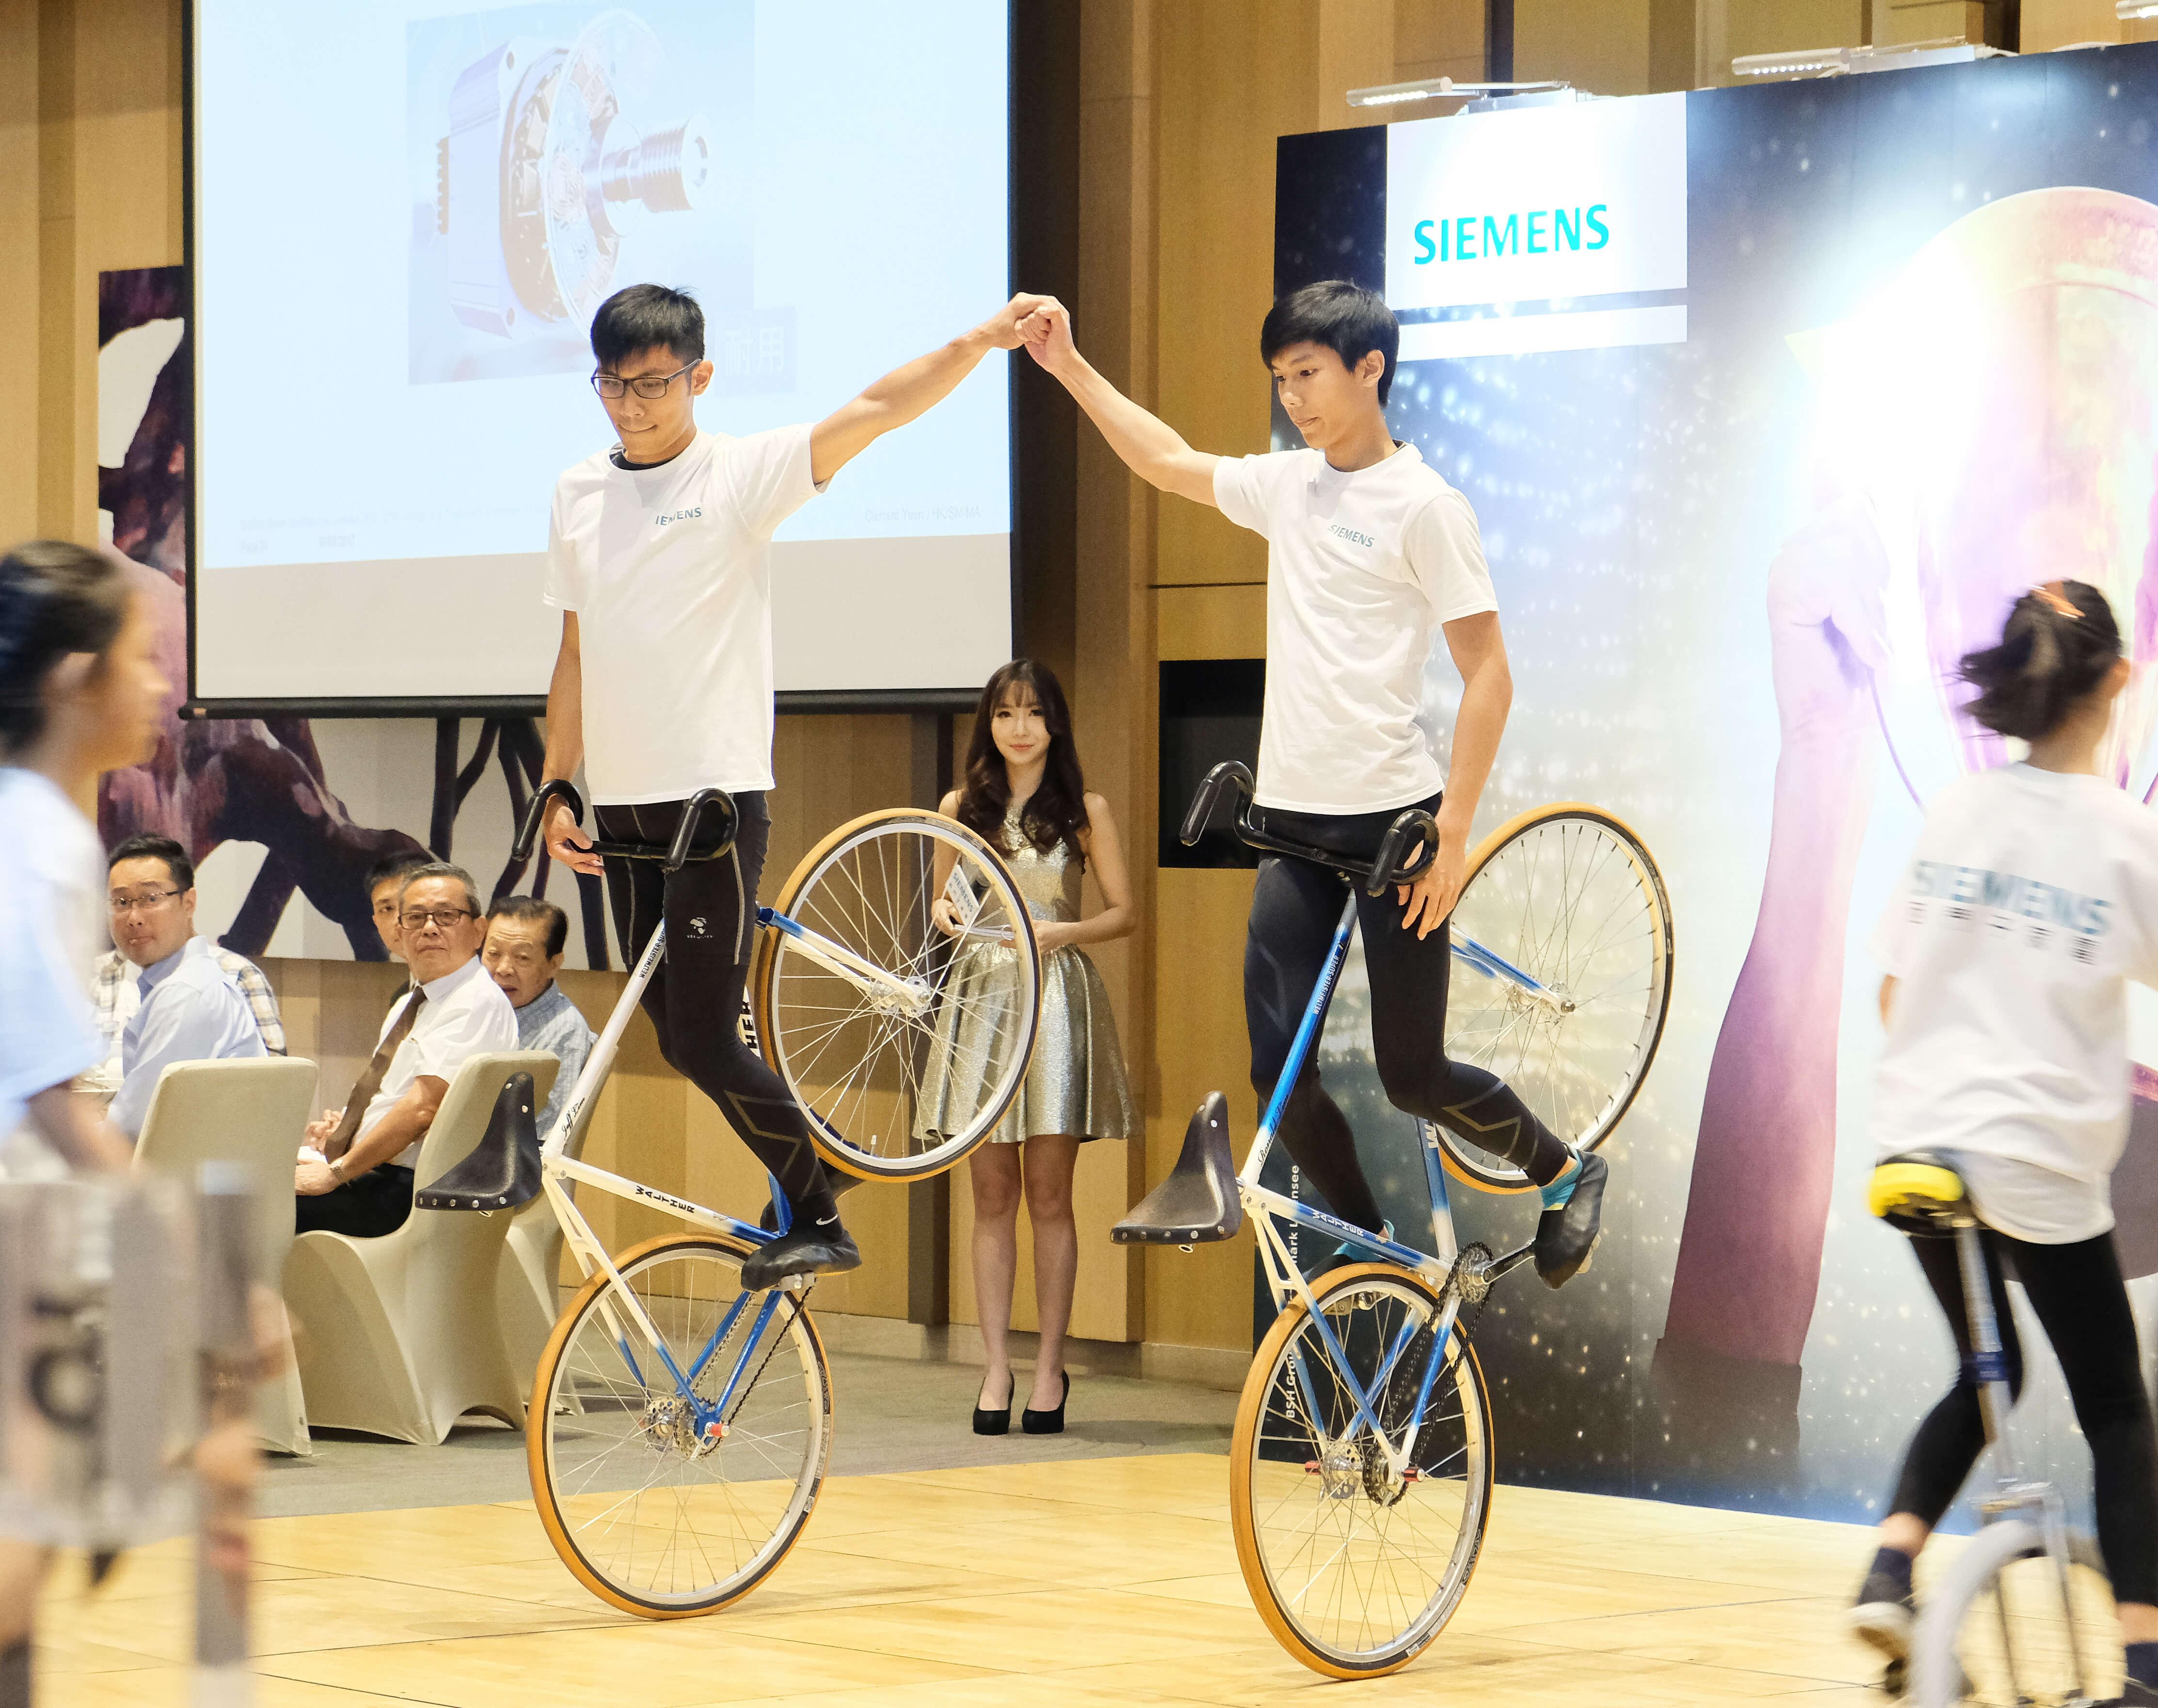 花式單車表演 室內 (Siemens)